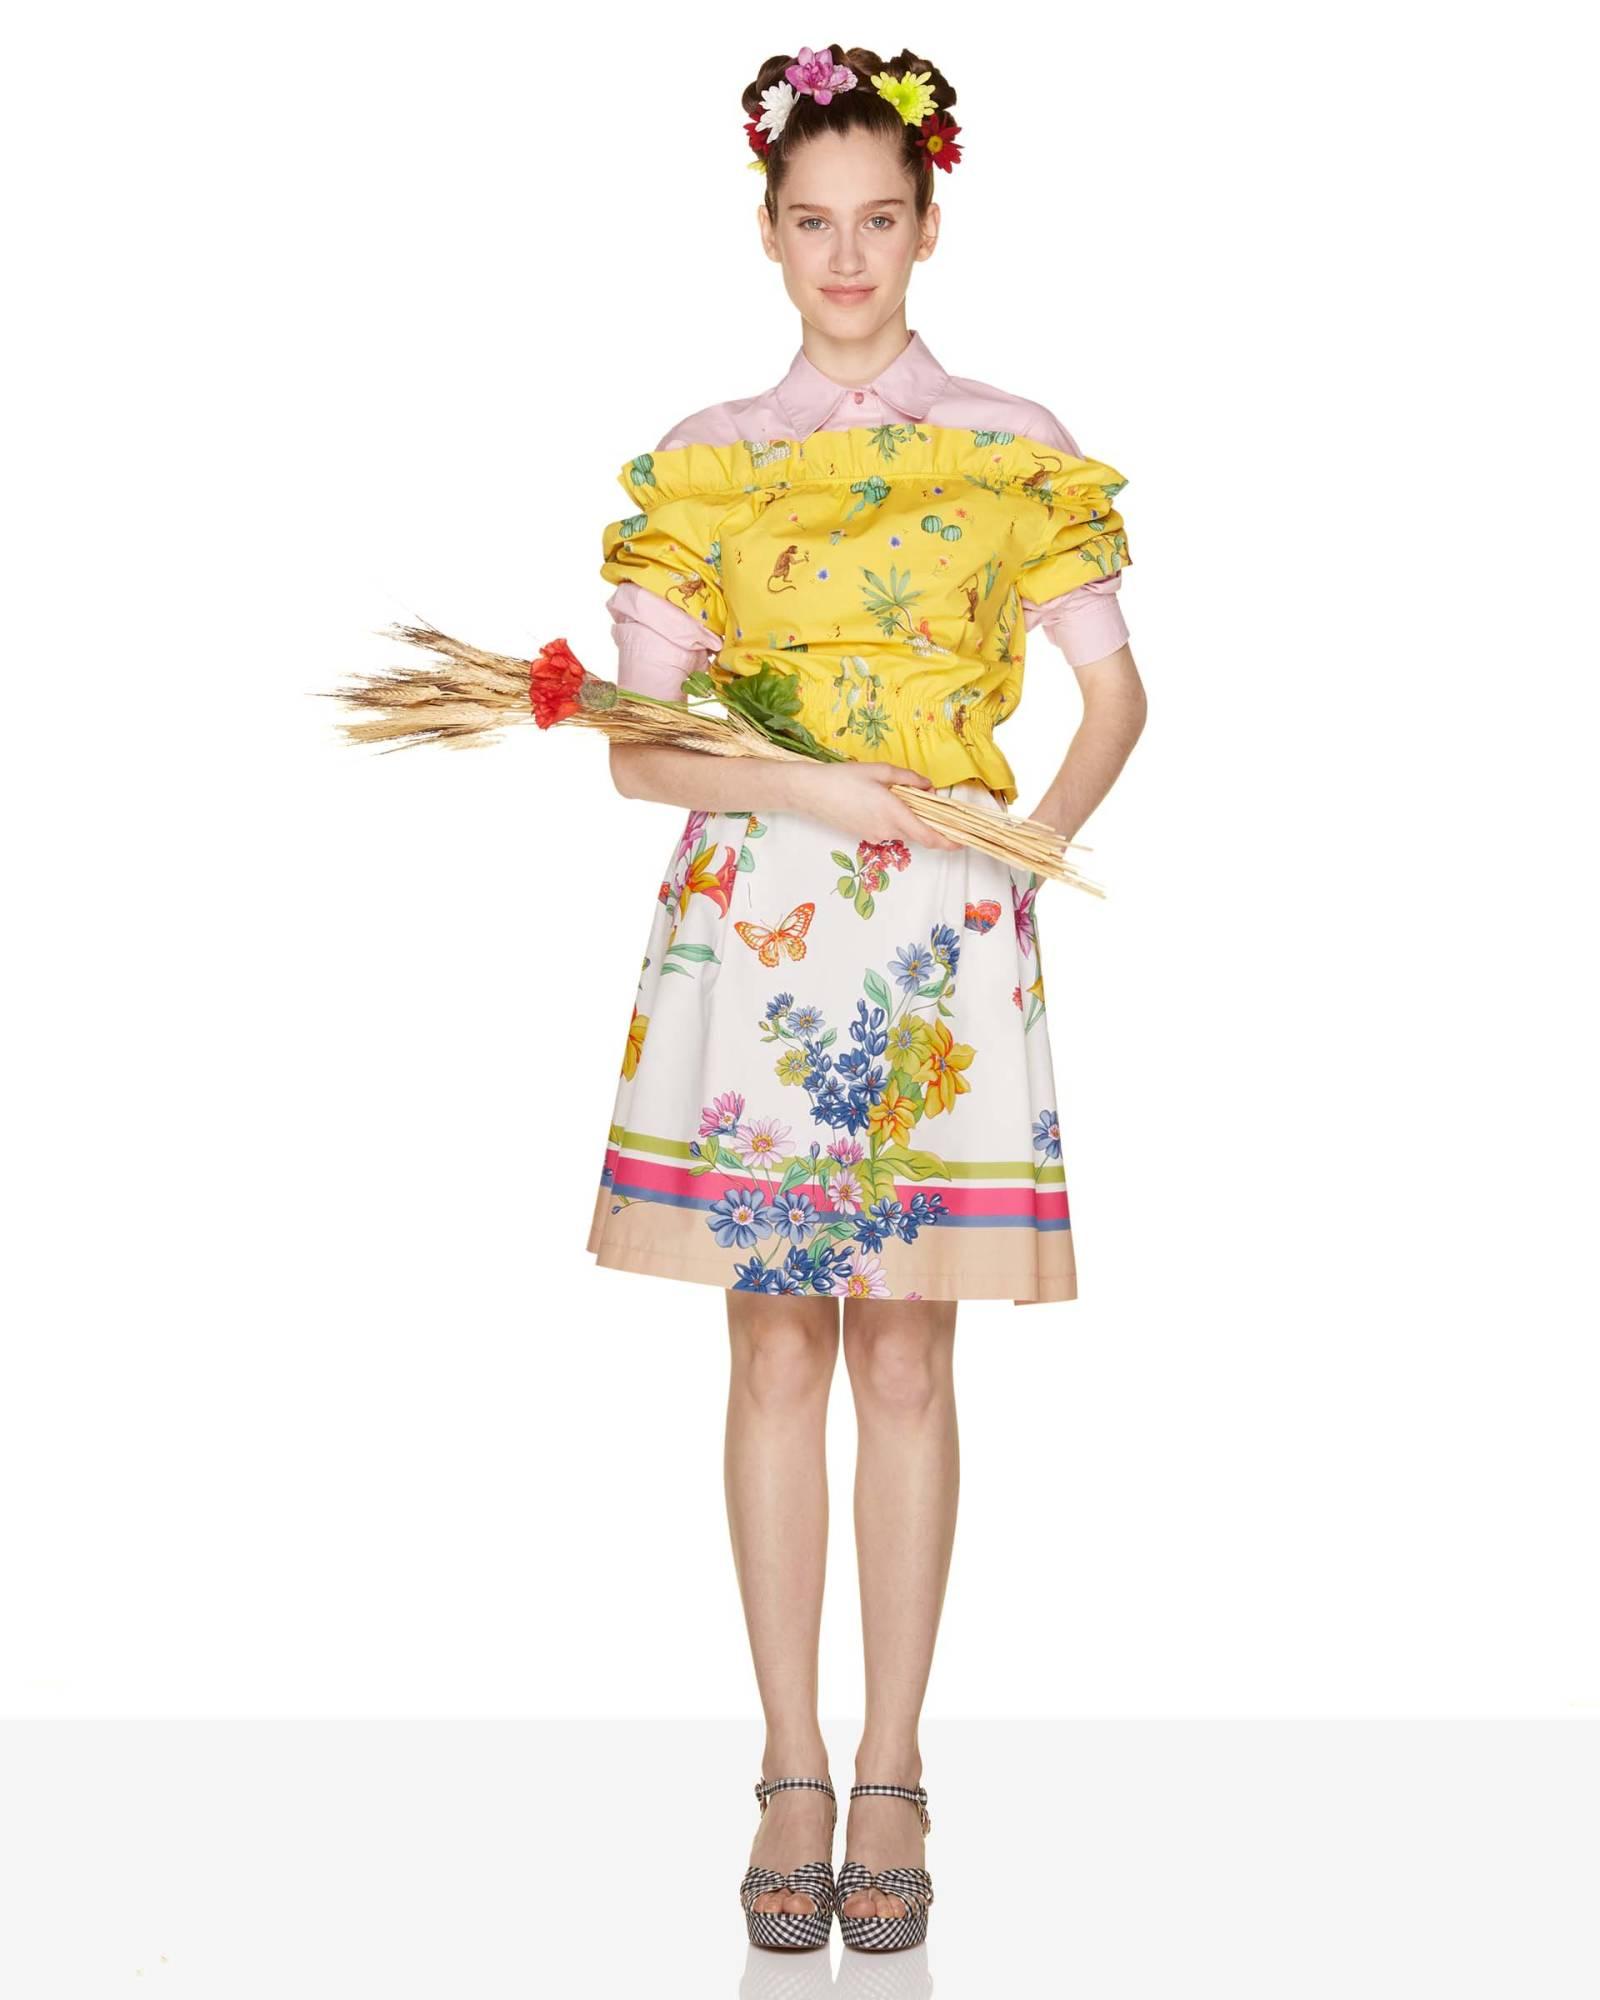 Gonna colorata a fiori Benetton a 49,95 euro